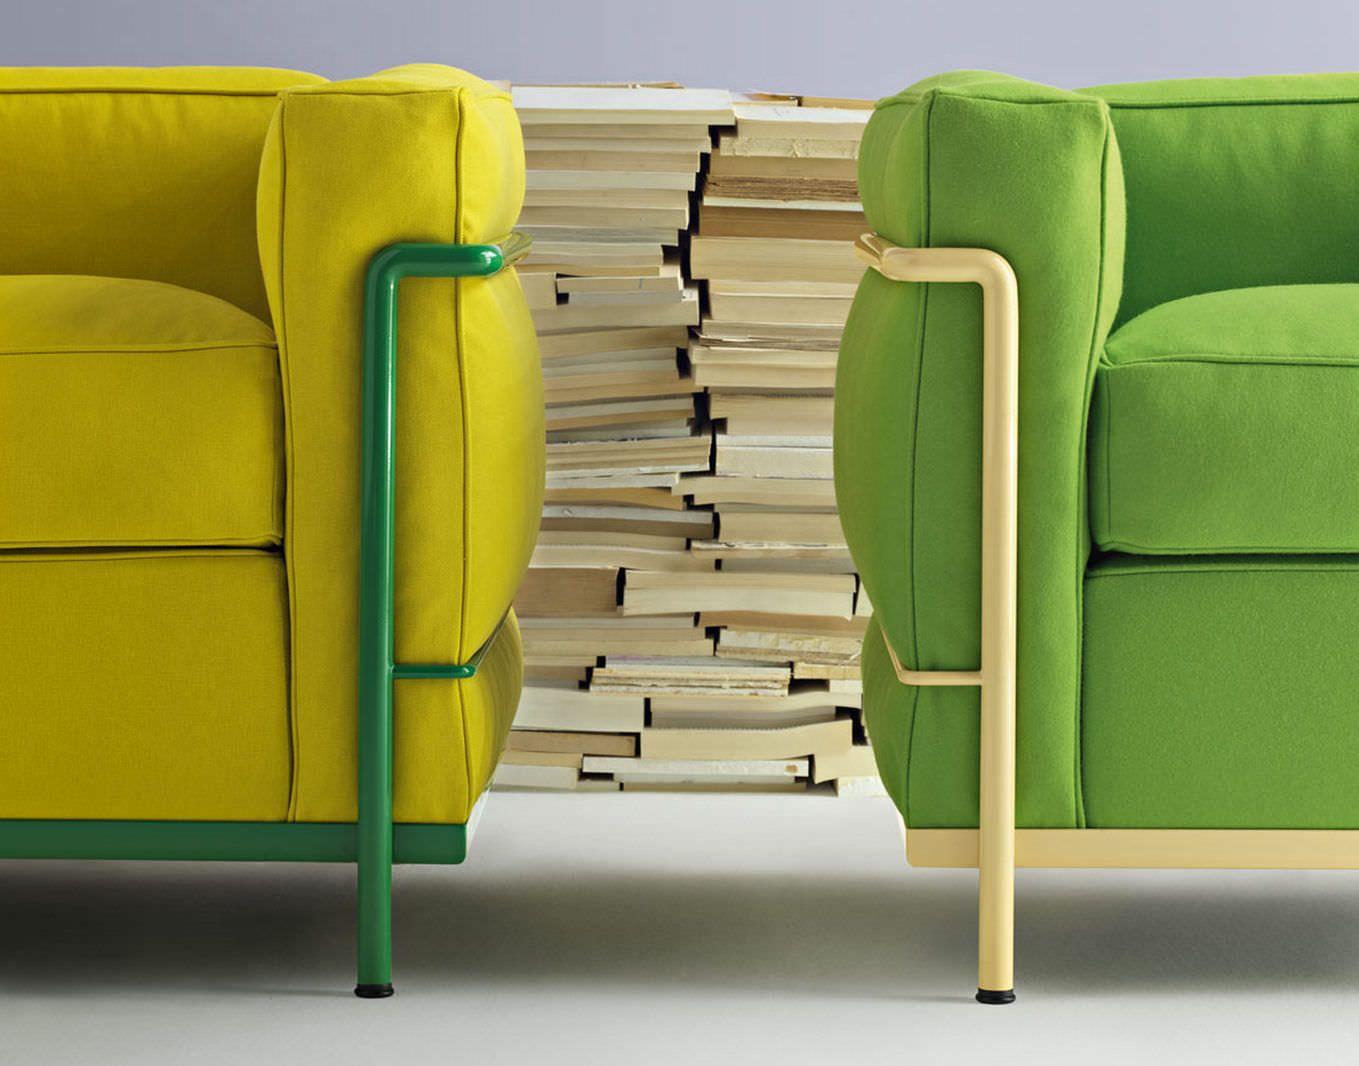 Tolle lc2 sessel | CASSINA | Pinterest | Sessel, Möbel und Wohnen